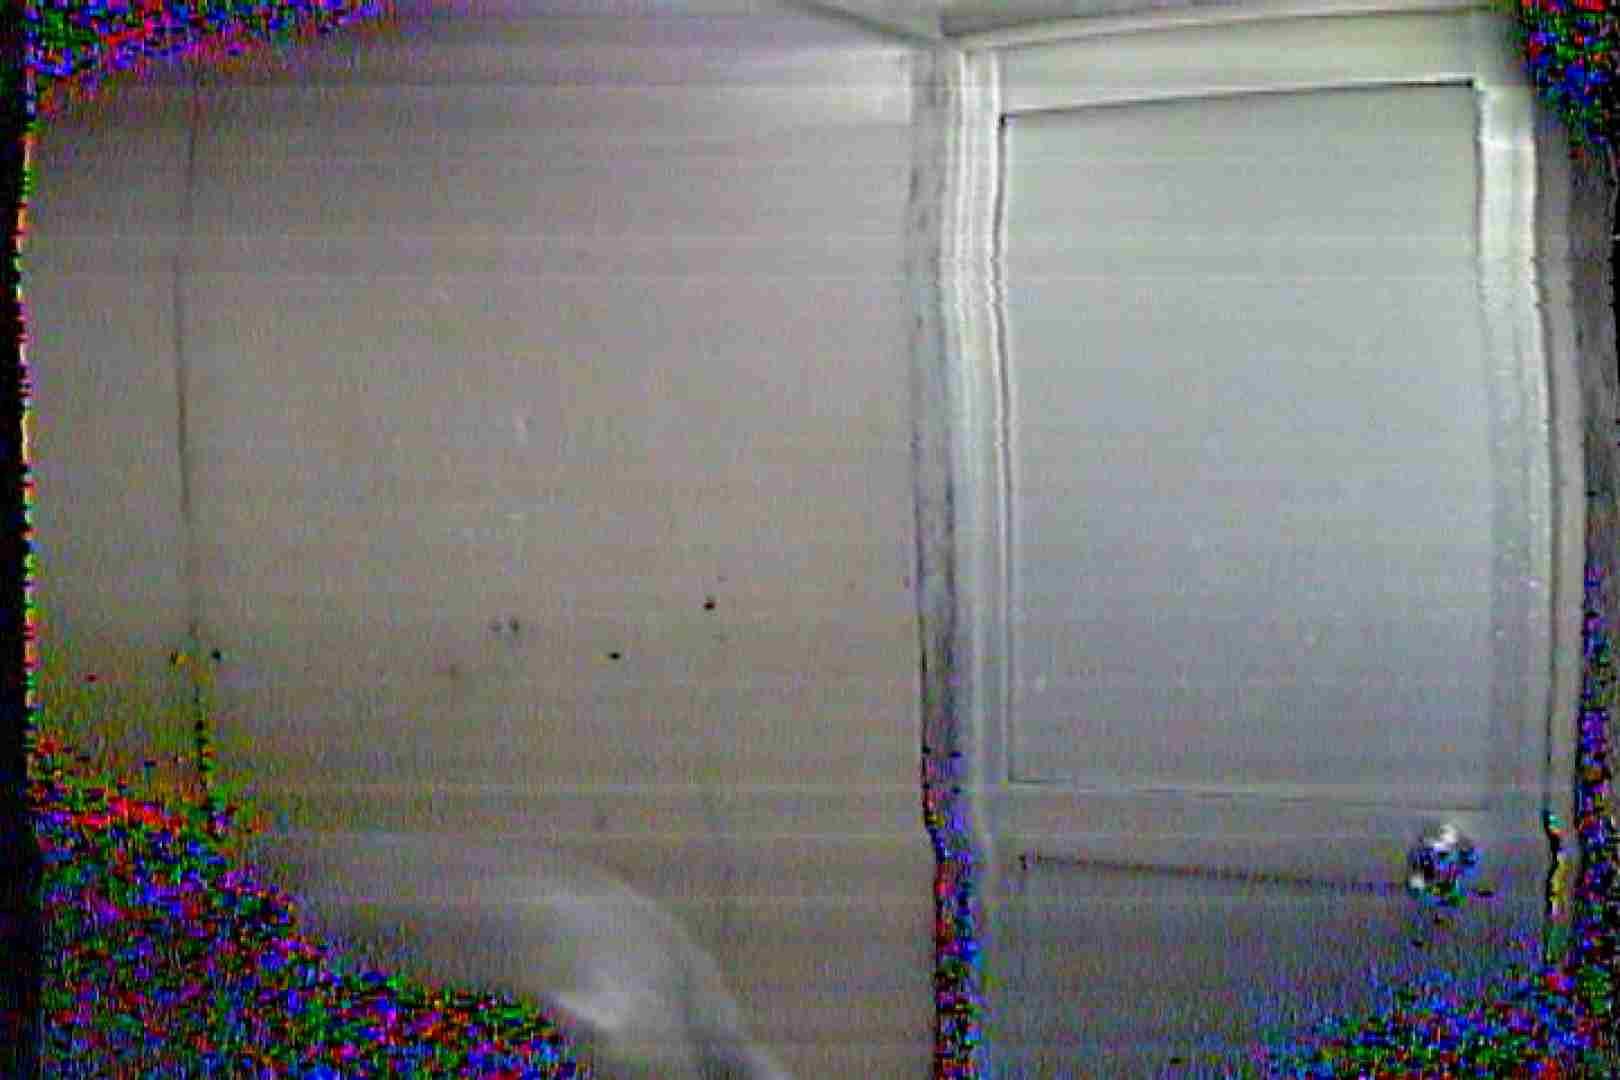 海の家の更衣室 Vol.46 OLの実態  99pic 54